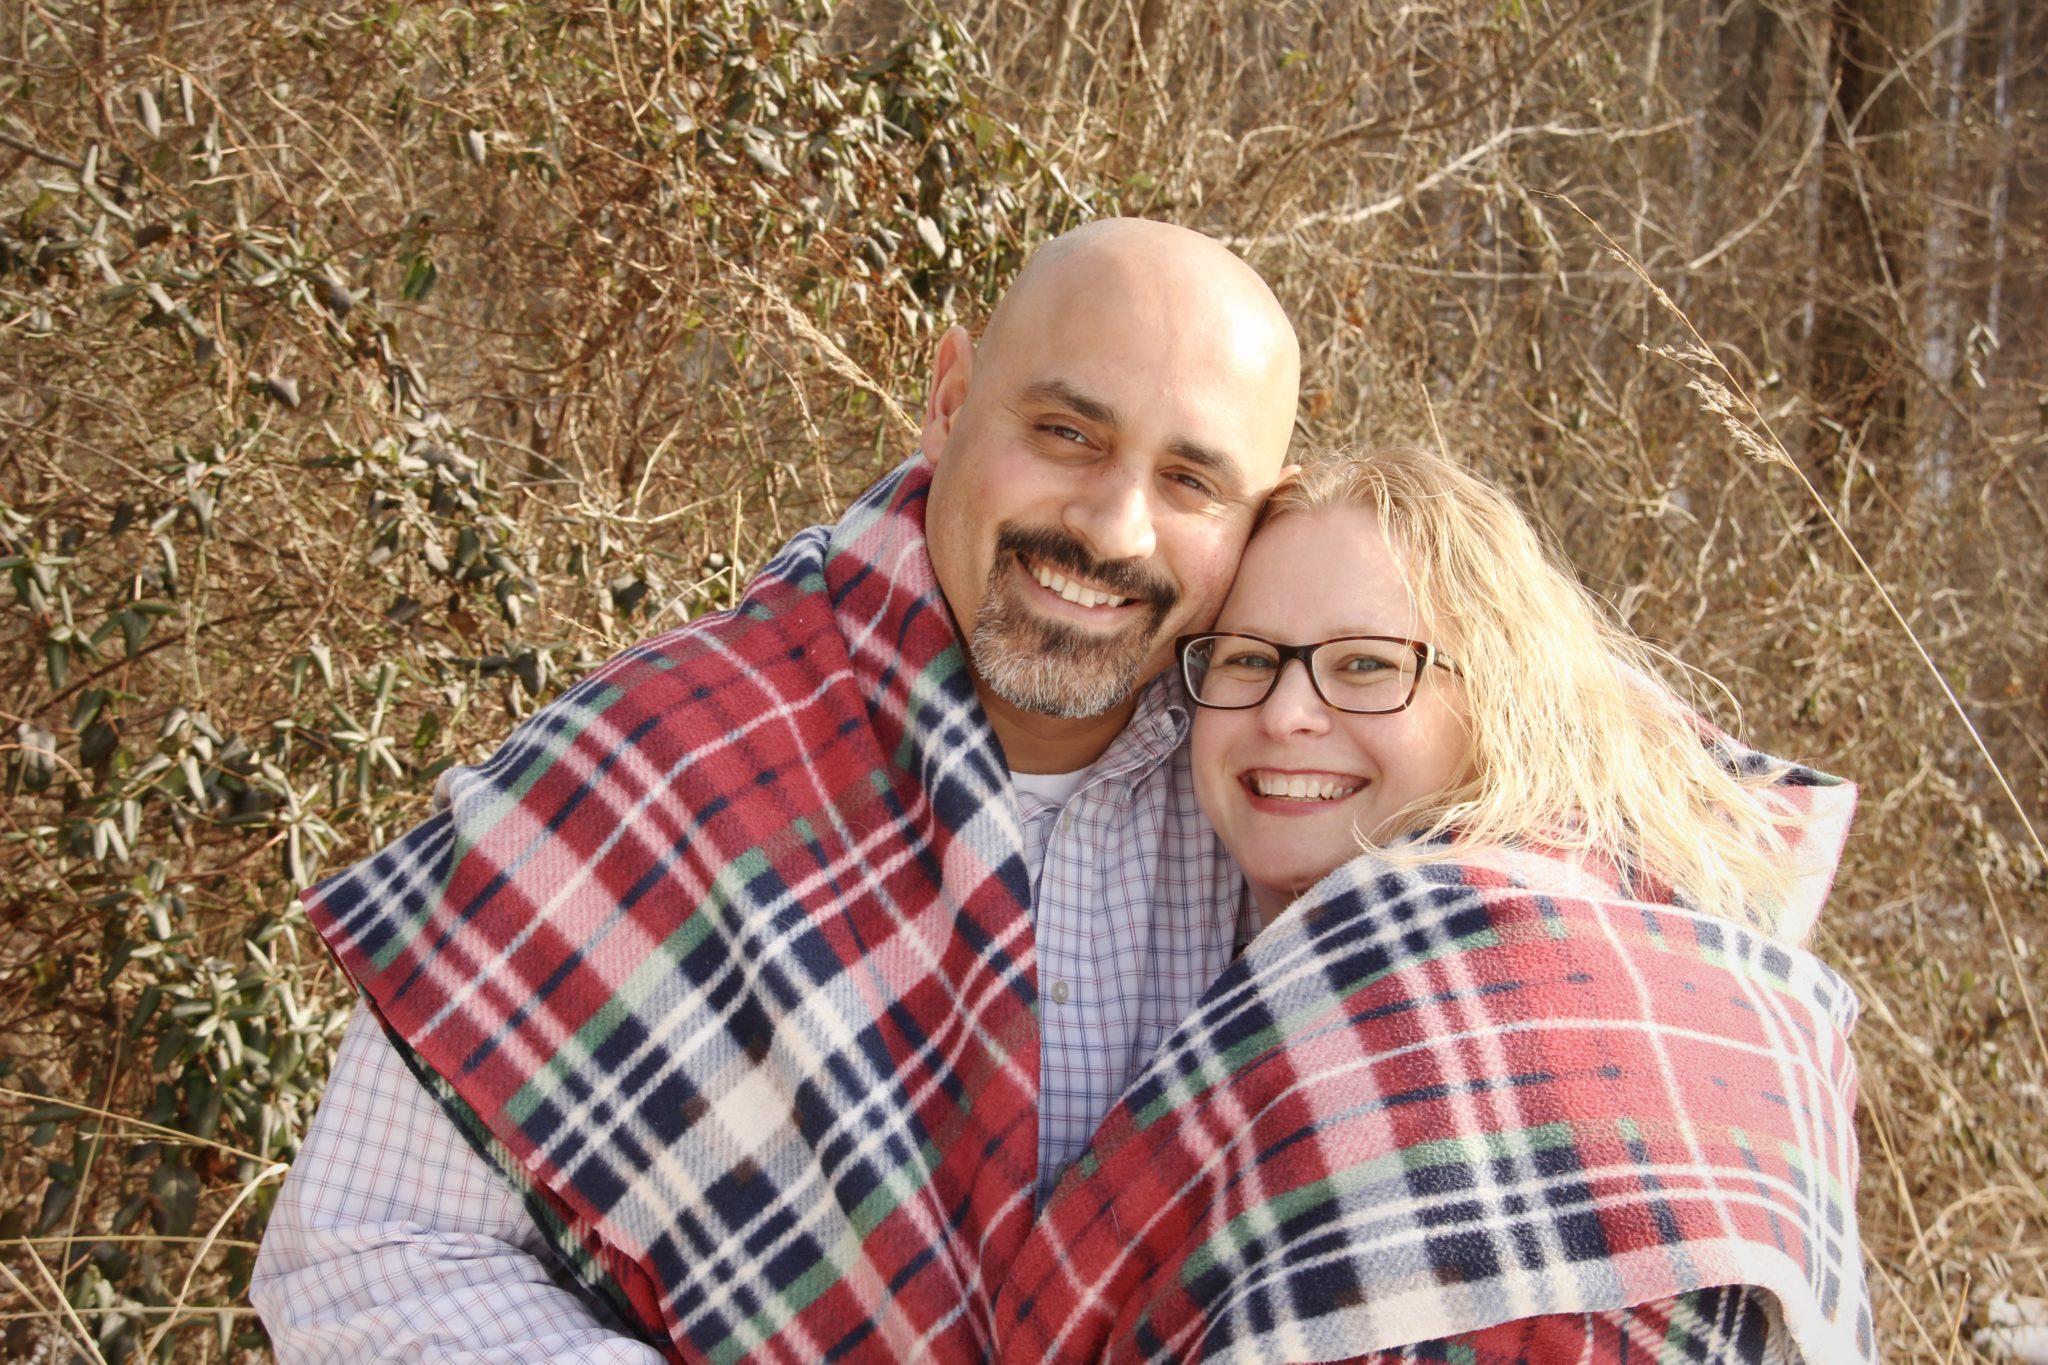 Lifetime Adoptive Parents David and Heather